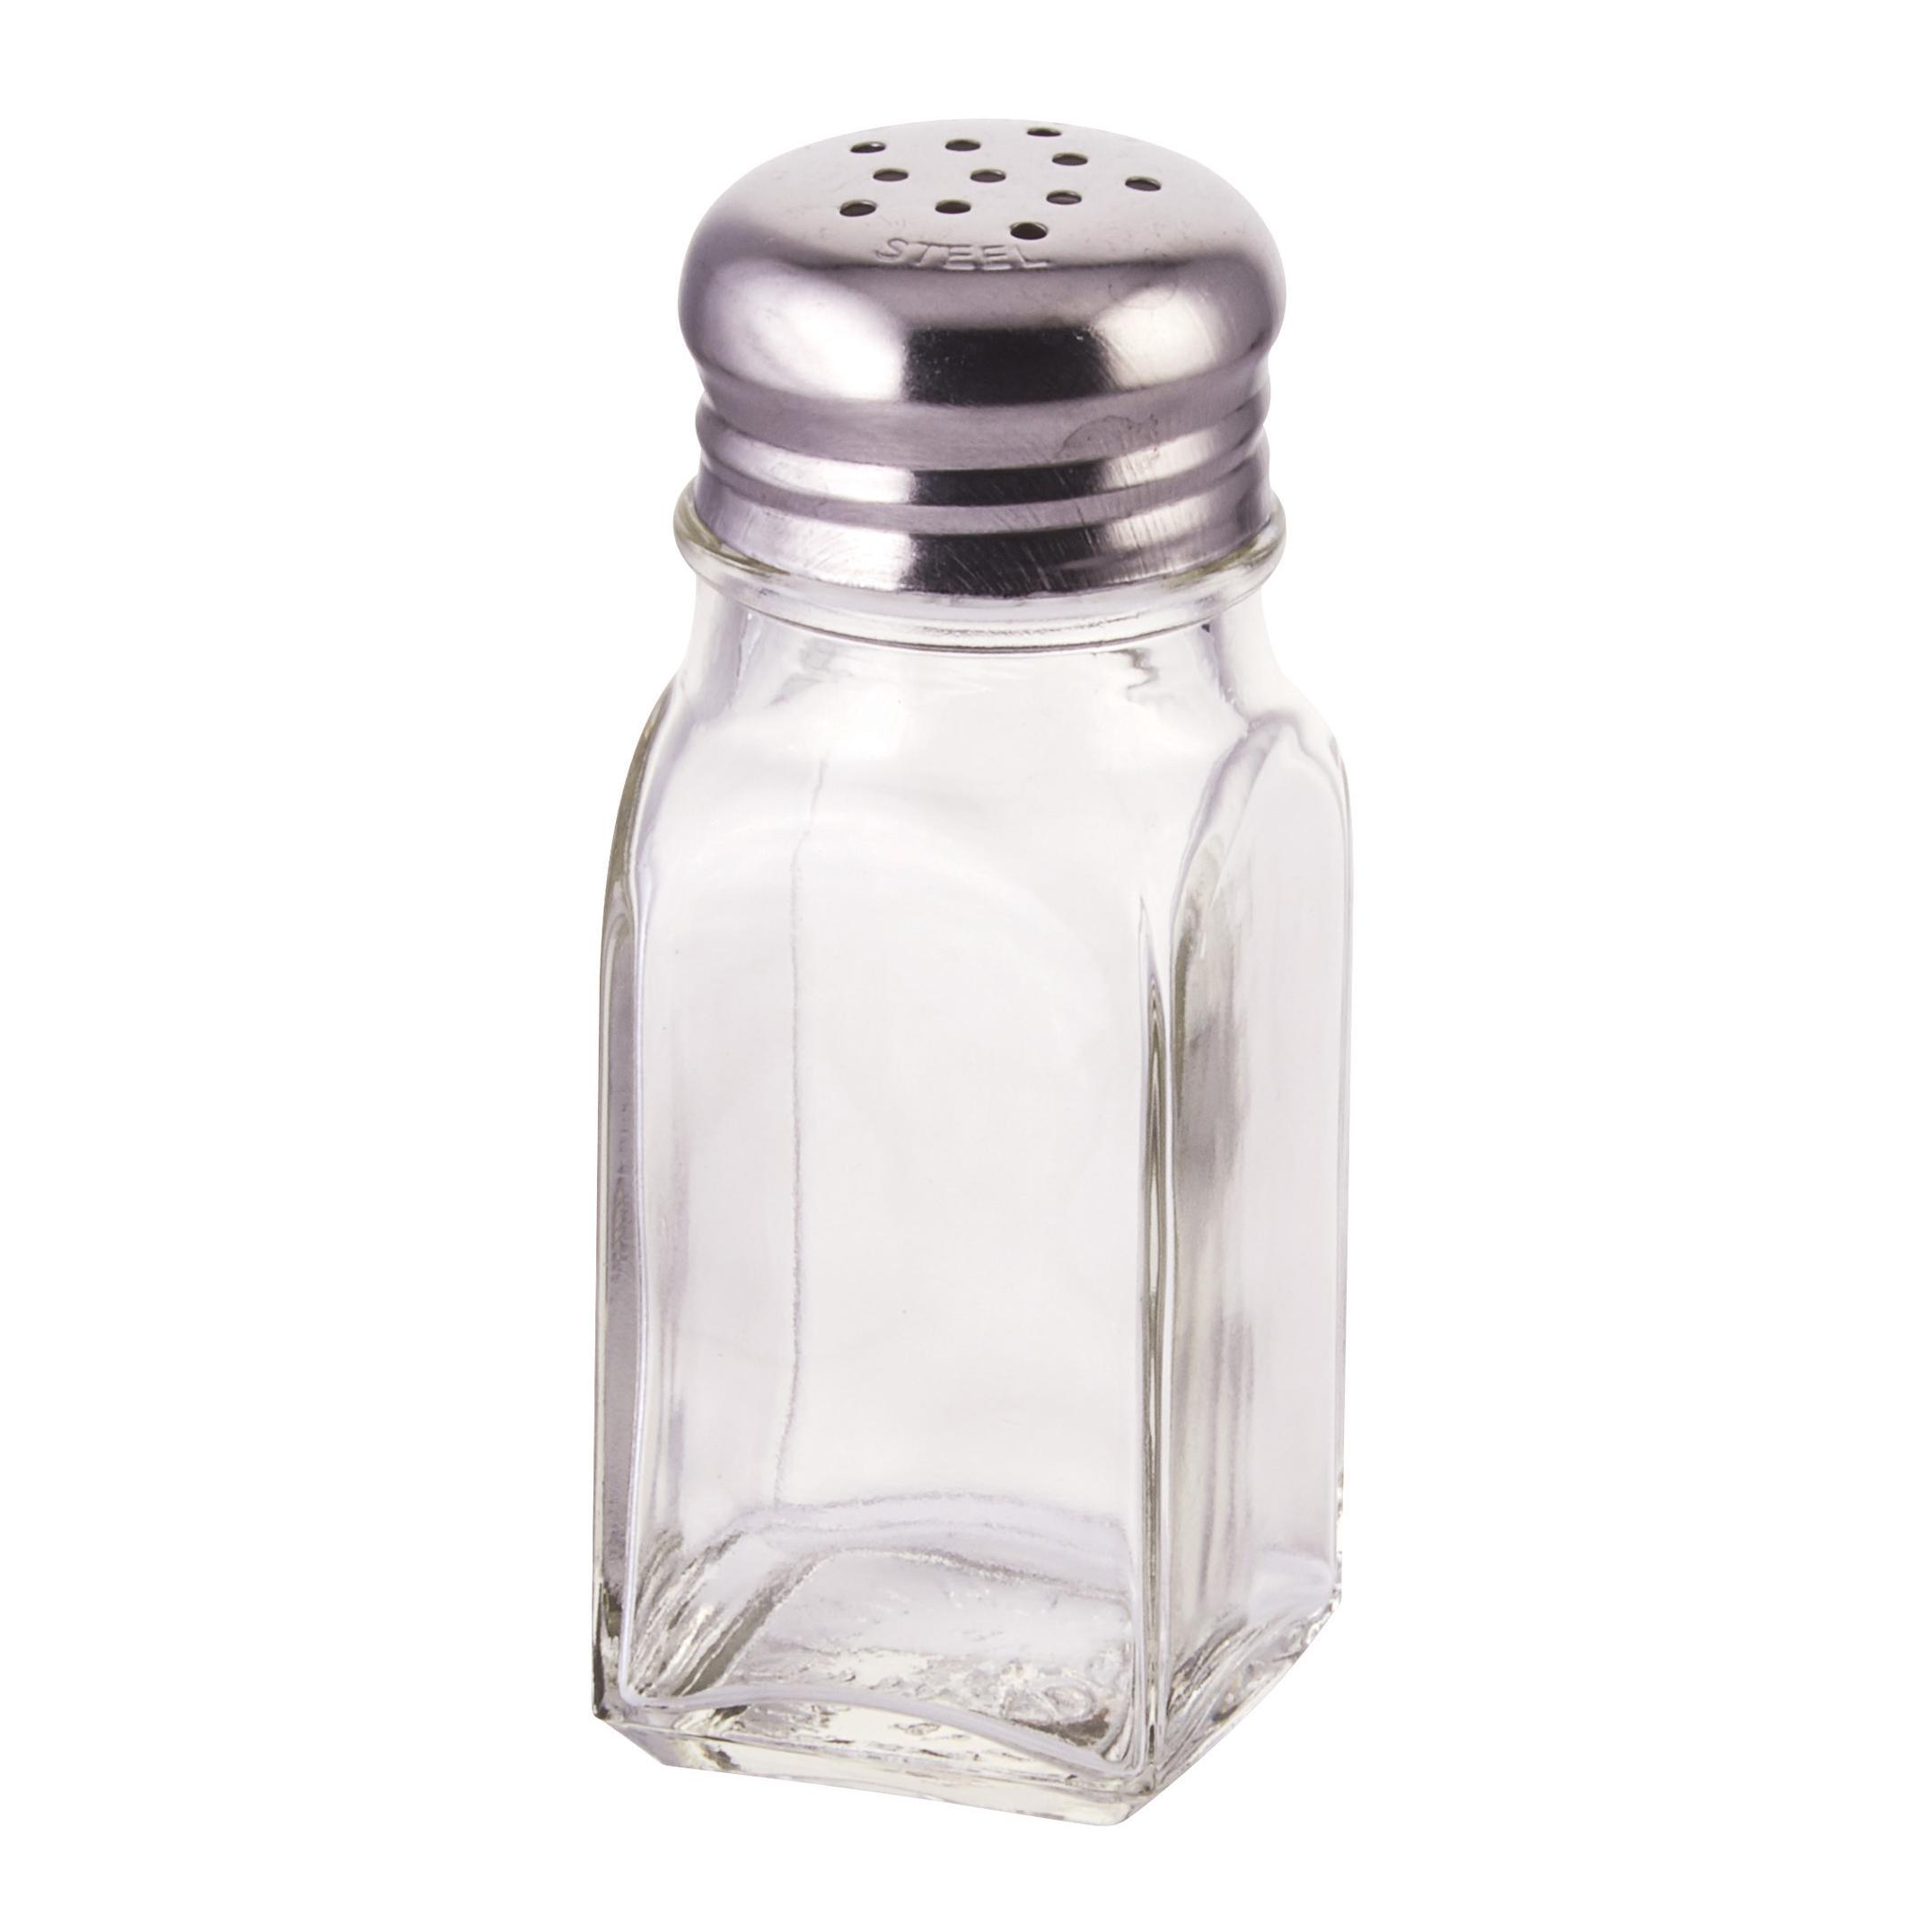 3105-150 DZ Winco G-109 salt / pepper shaker